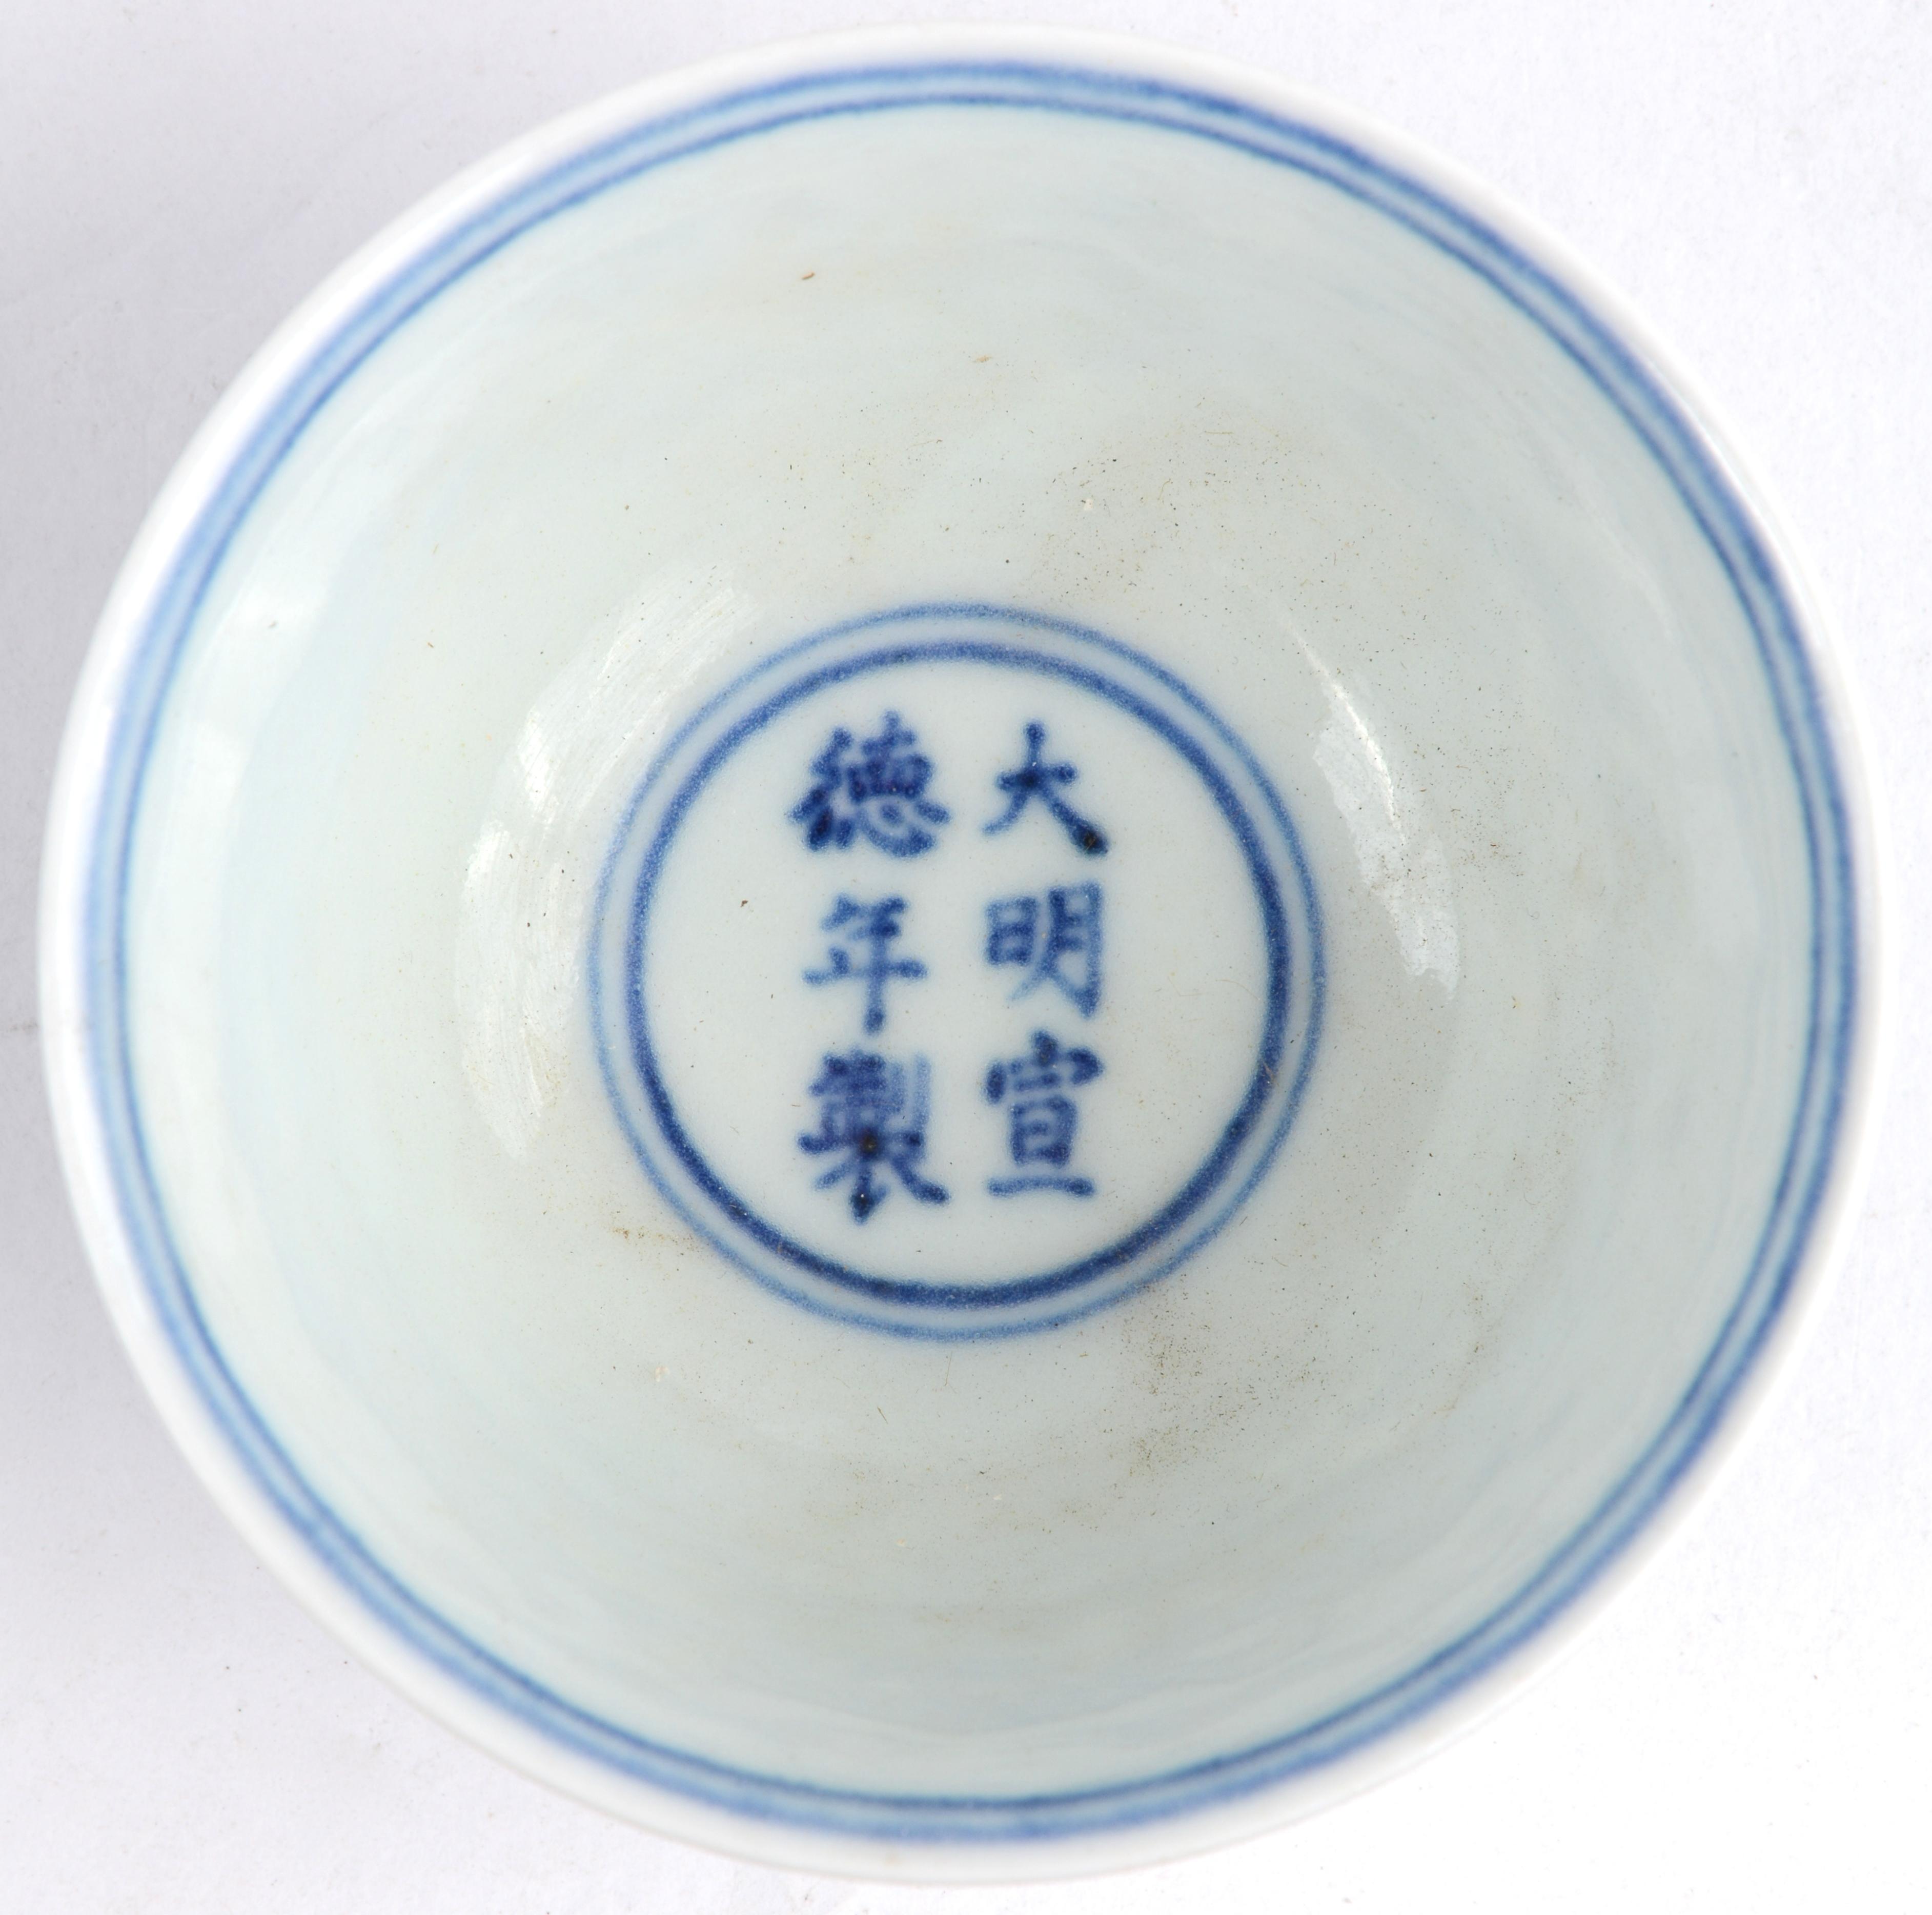 Chinees Porselein Merktekens Japans Porselein.Een Waterkommetje Van Blauw En Wit Chinees Porselein Met